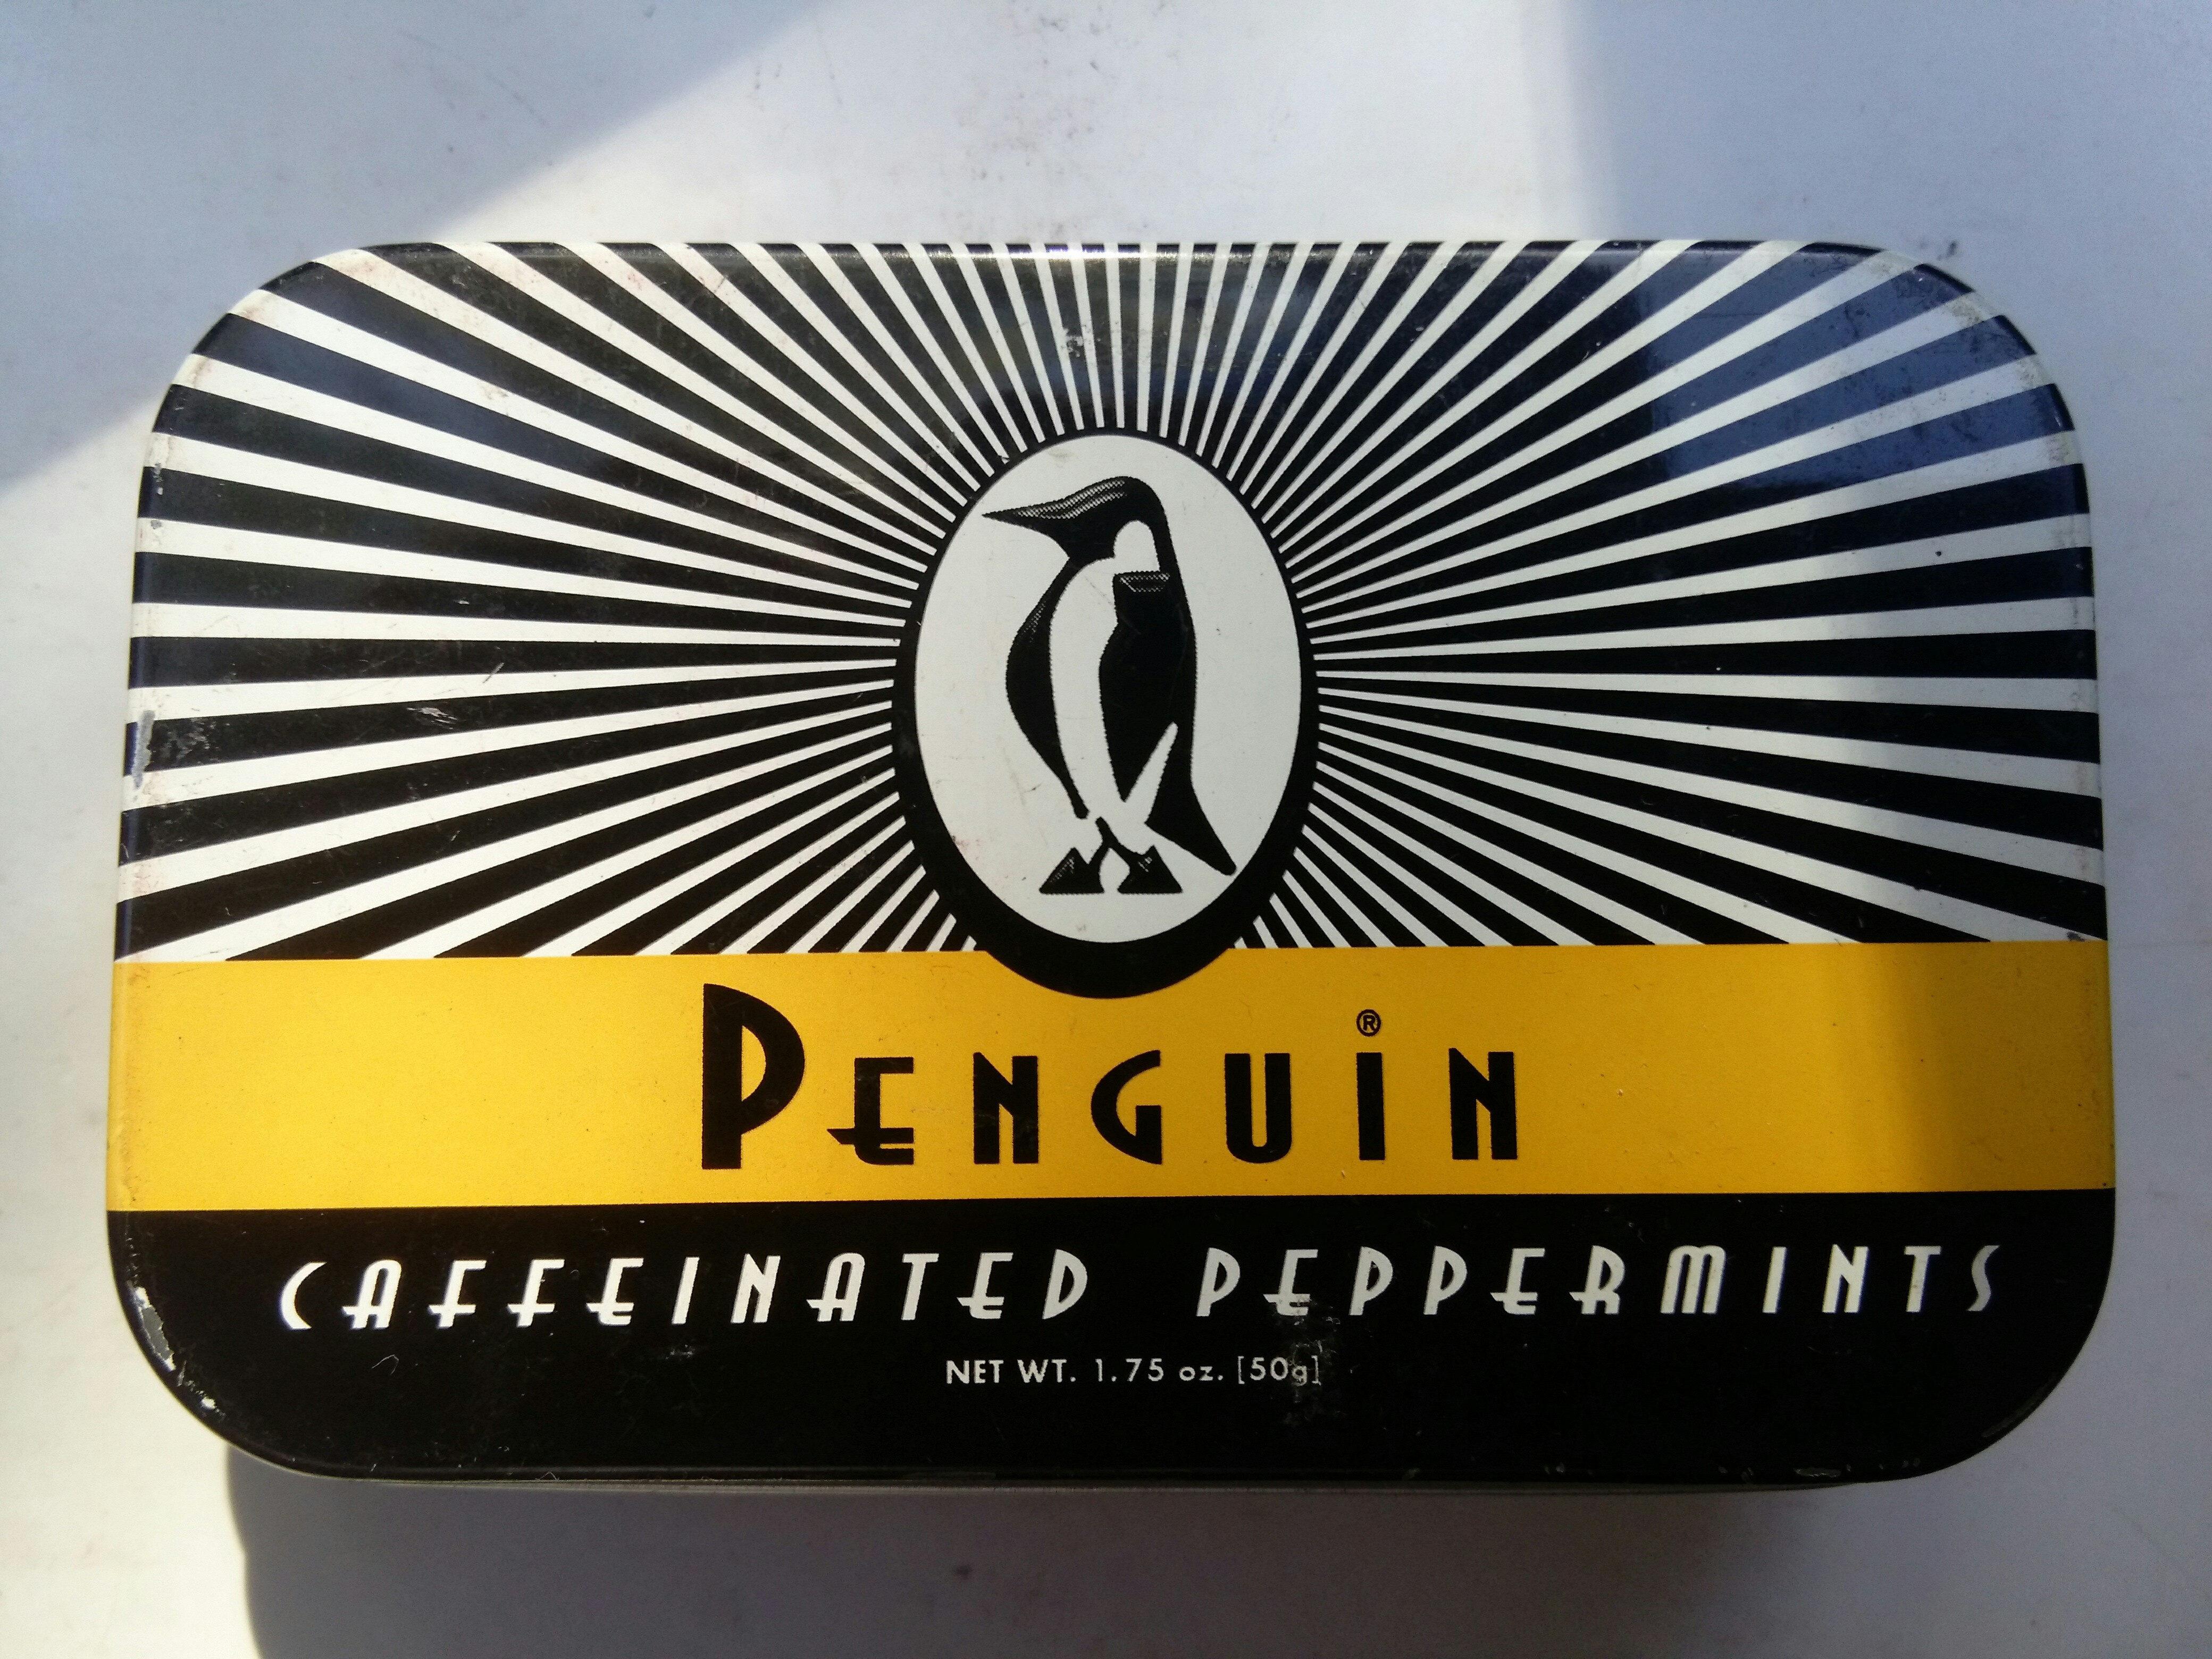 Penguin Caffeinated Mints - Product - en